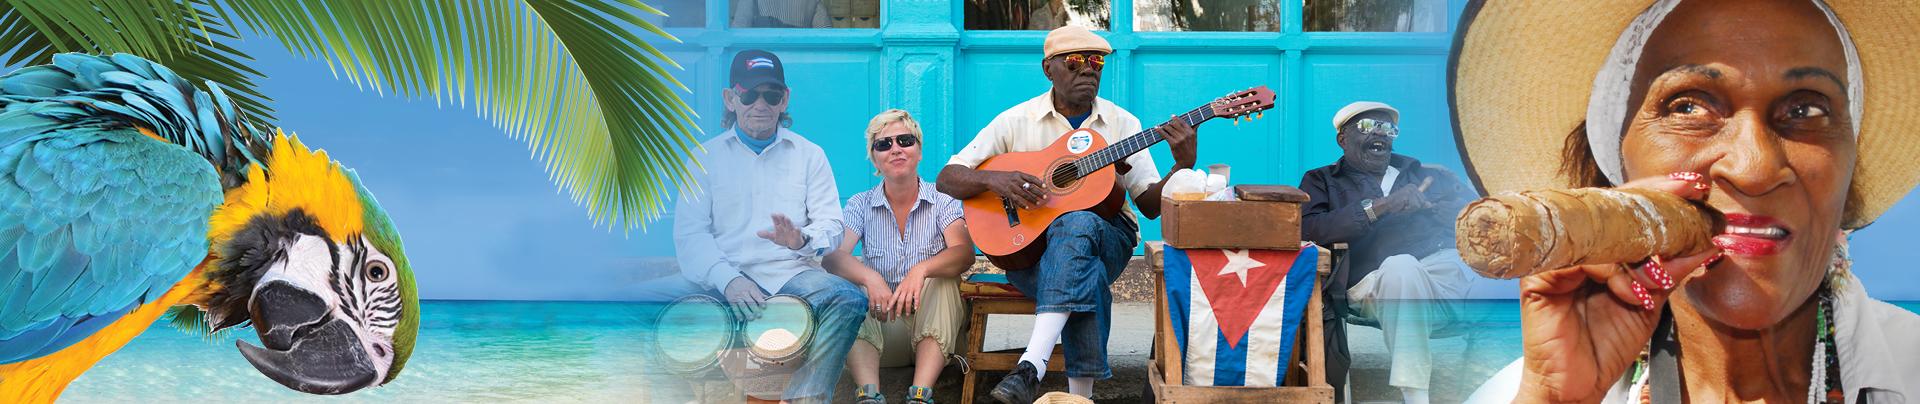 מקובה ועד קוסטה ריקה - היסטוריה תרבות ומוסיקה, נופי טבע קסומים, יערות גשם ושמורות טבע